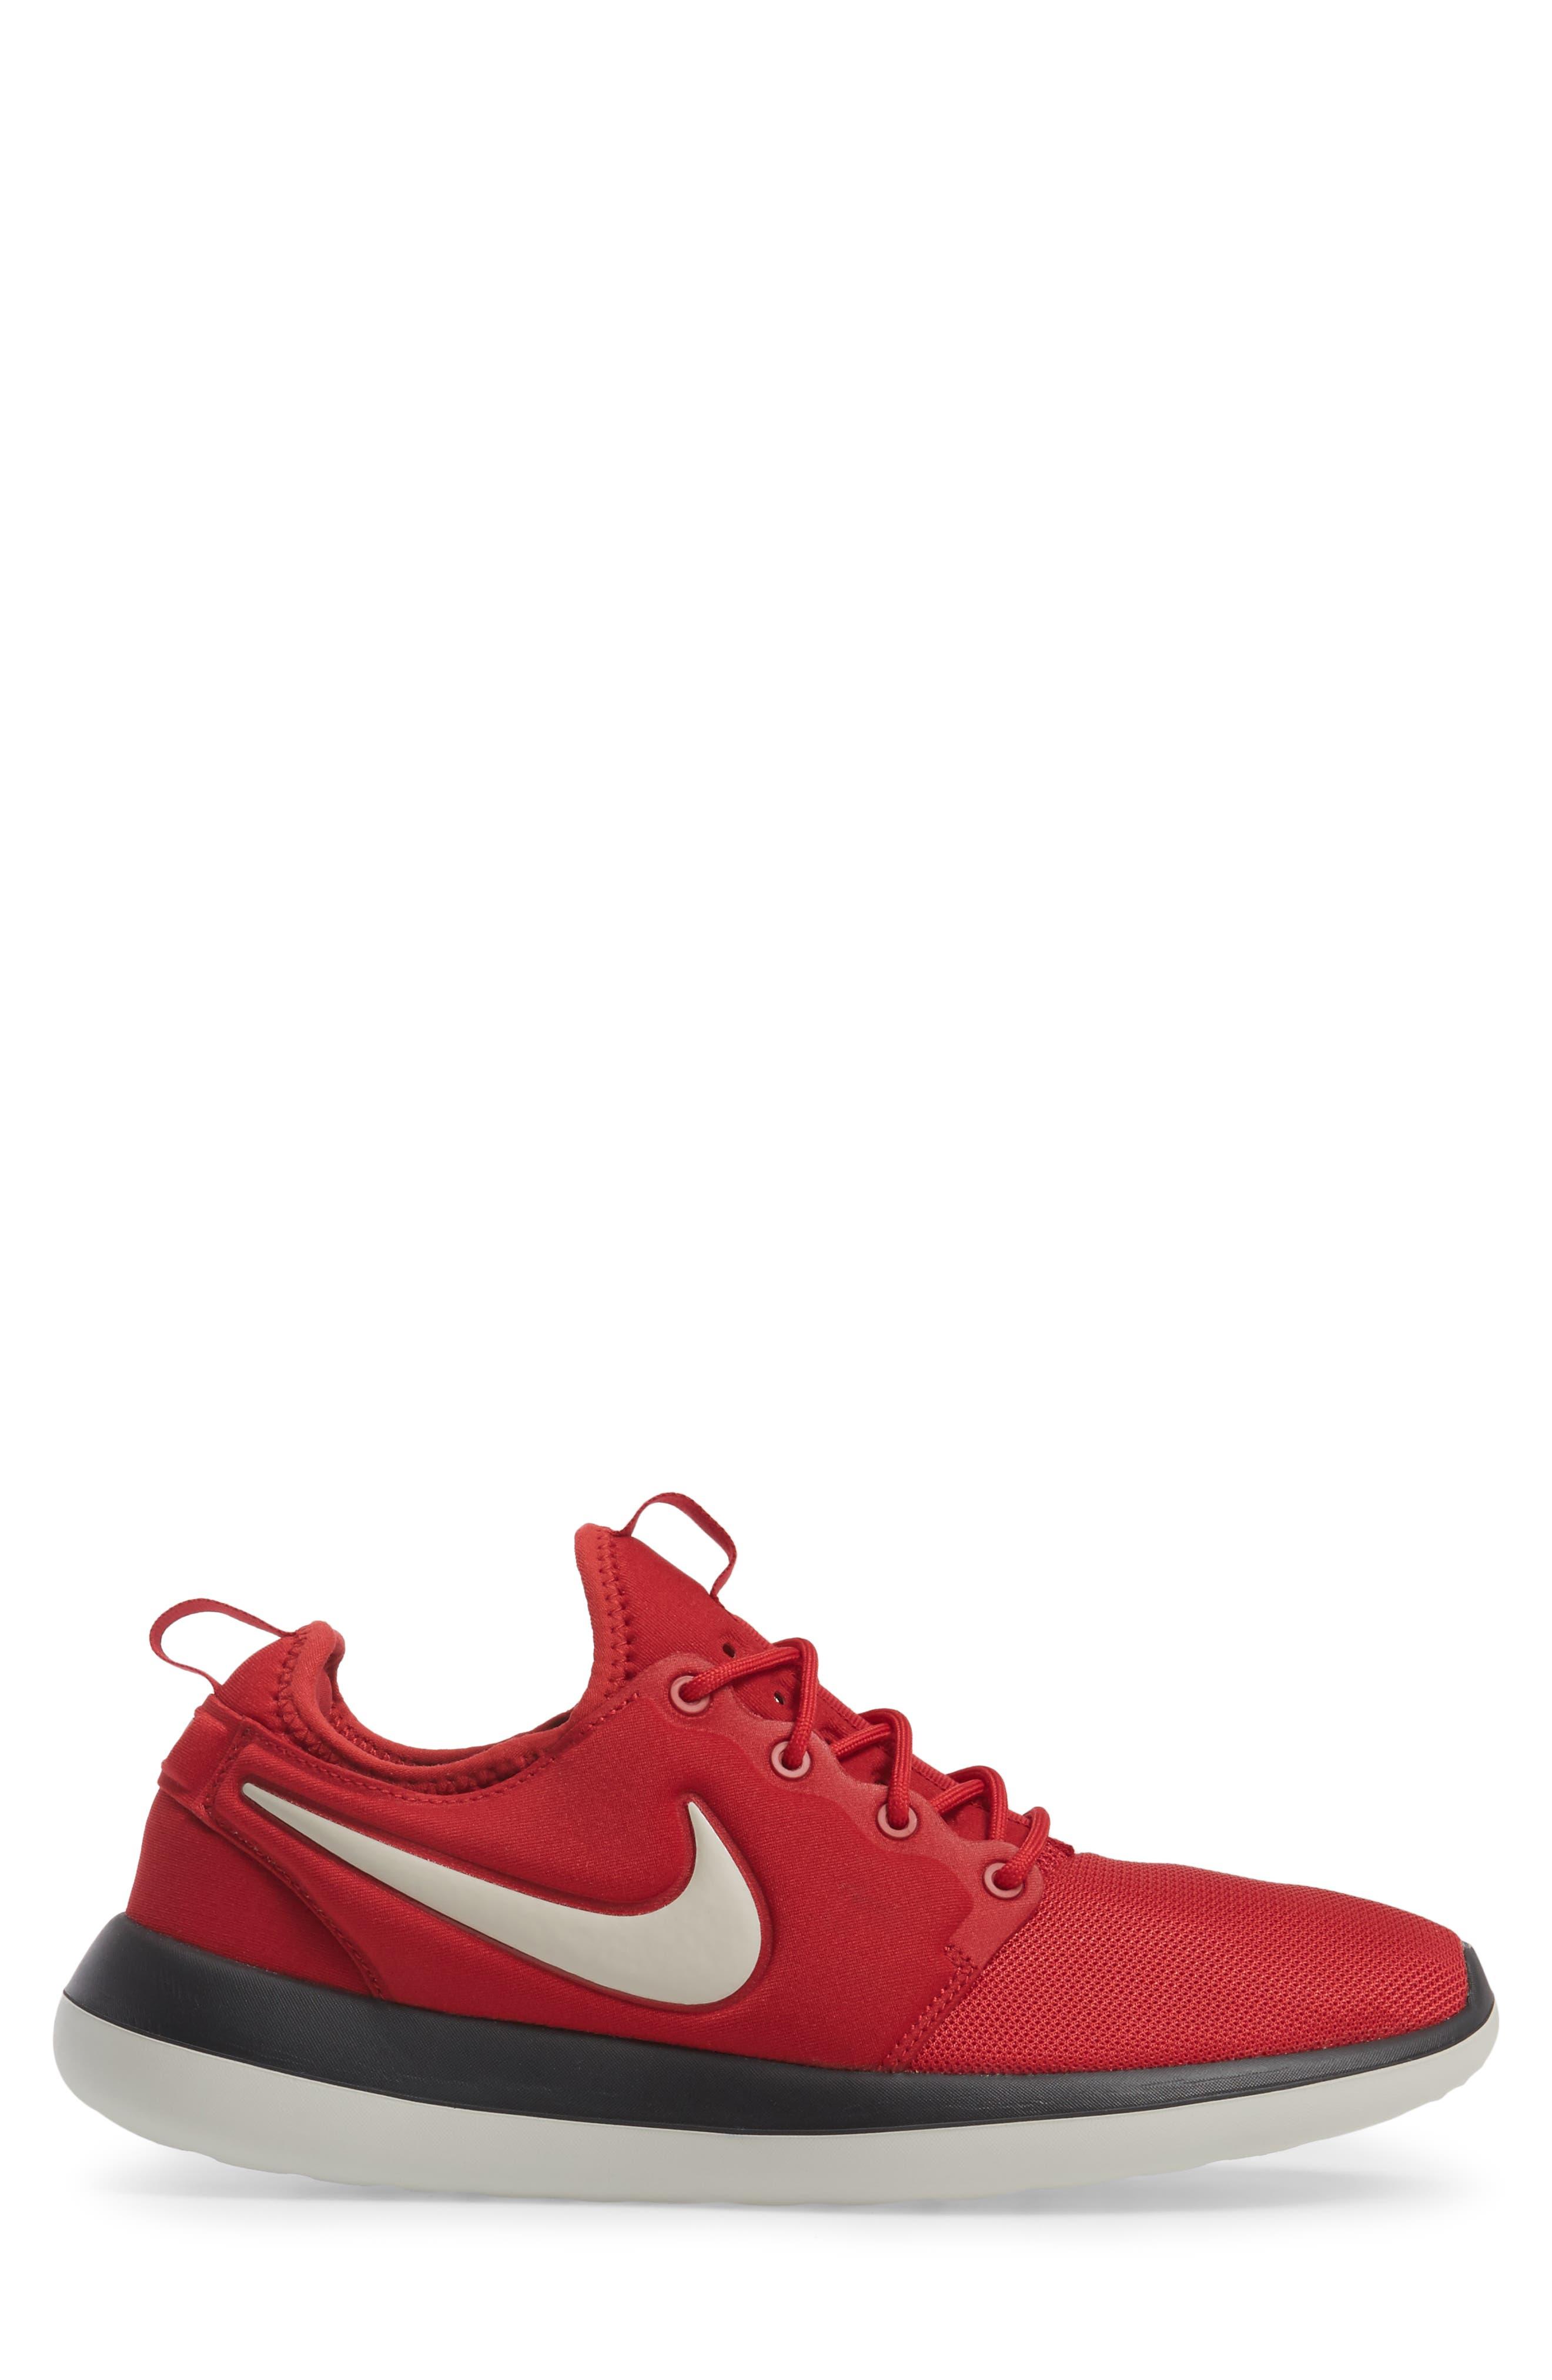 Roshe Two Sneaker,                             Alternate thumbnail 32, color,